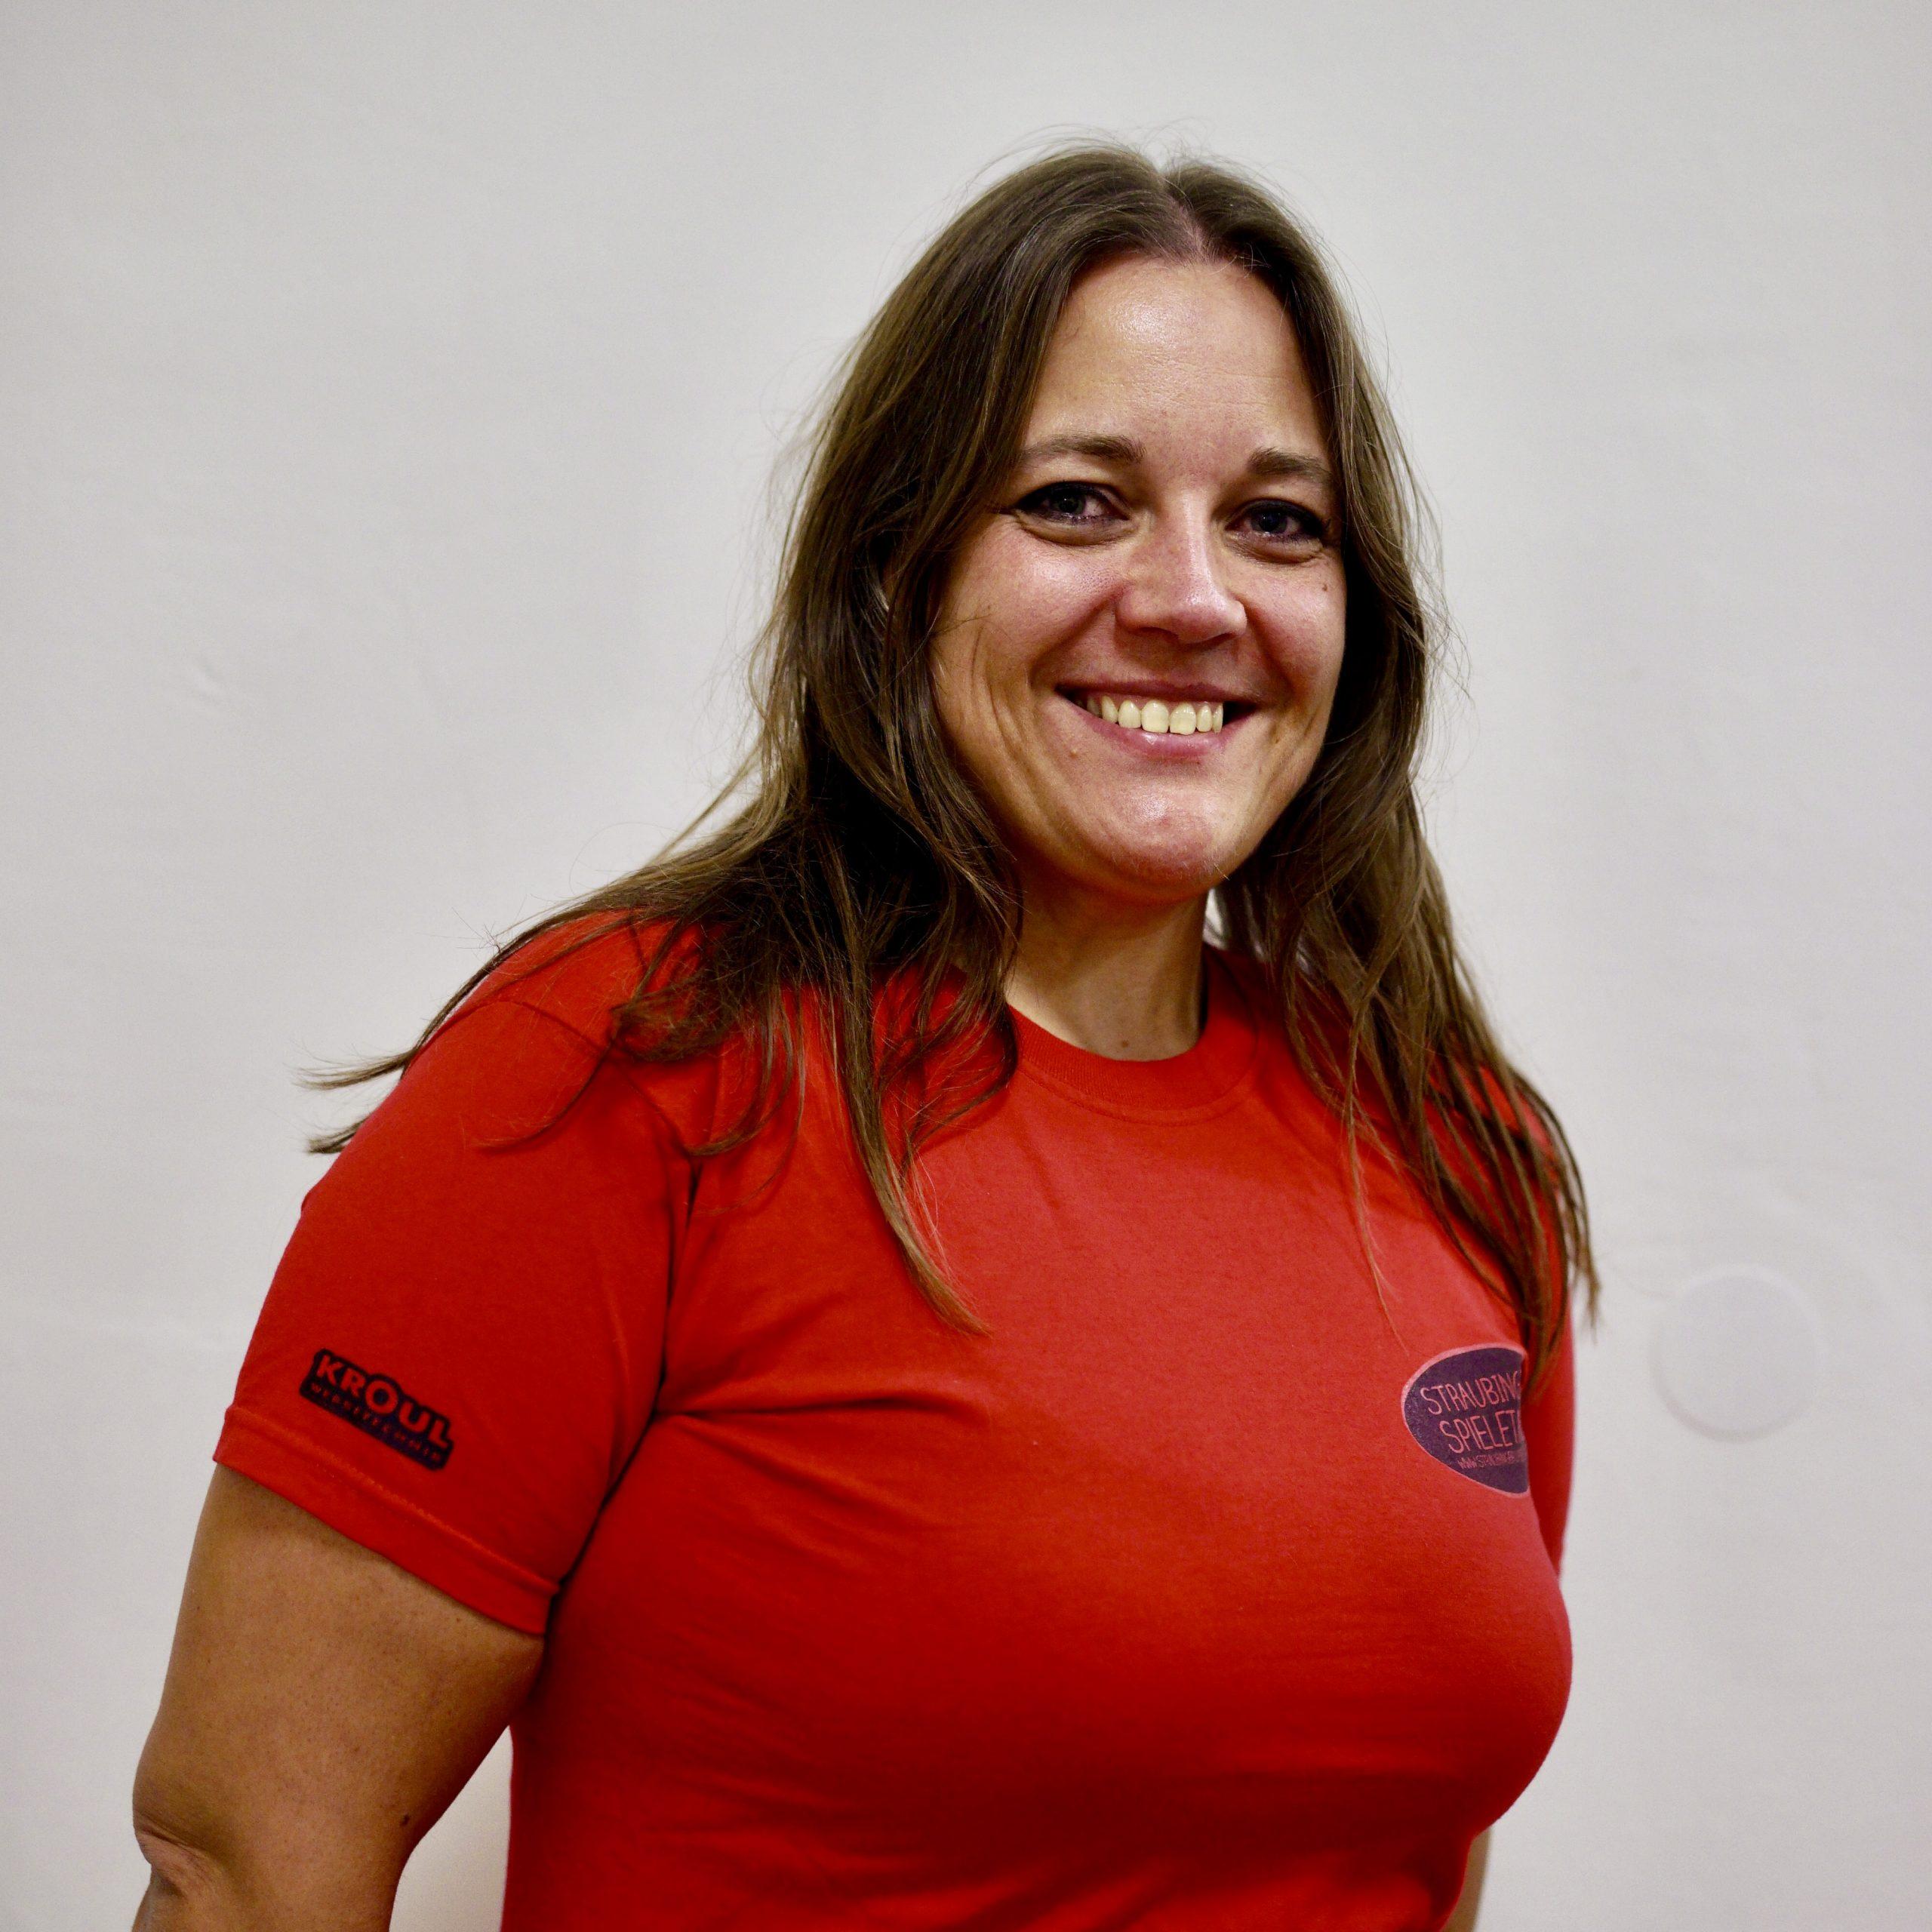 Sabine Stieglbauer